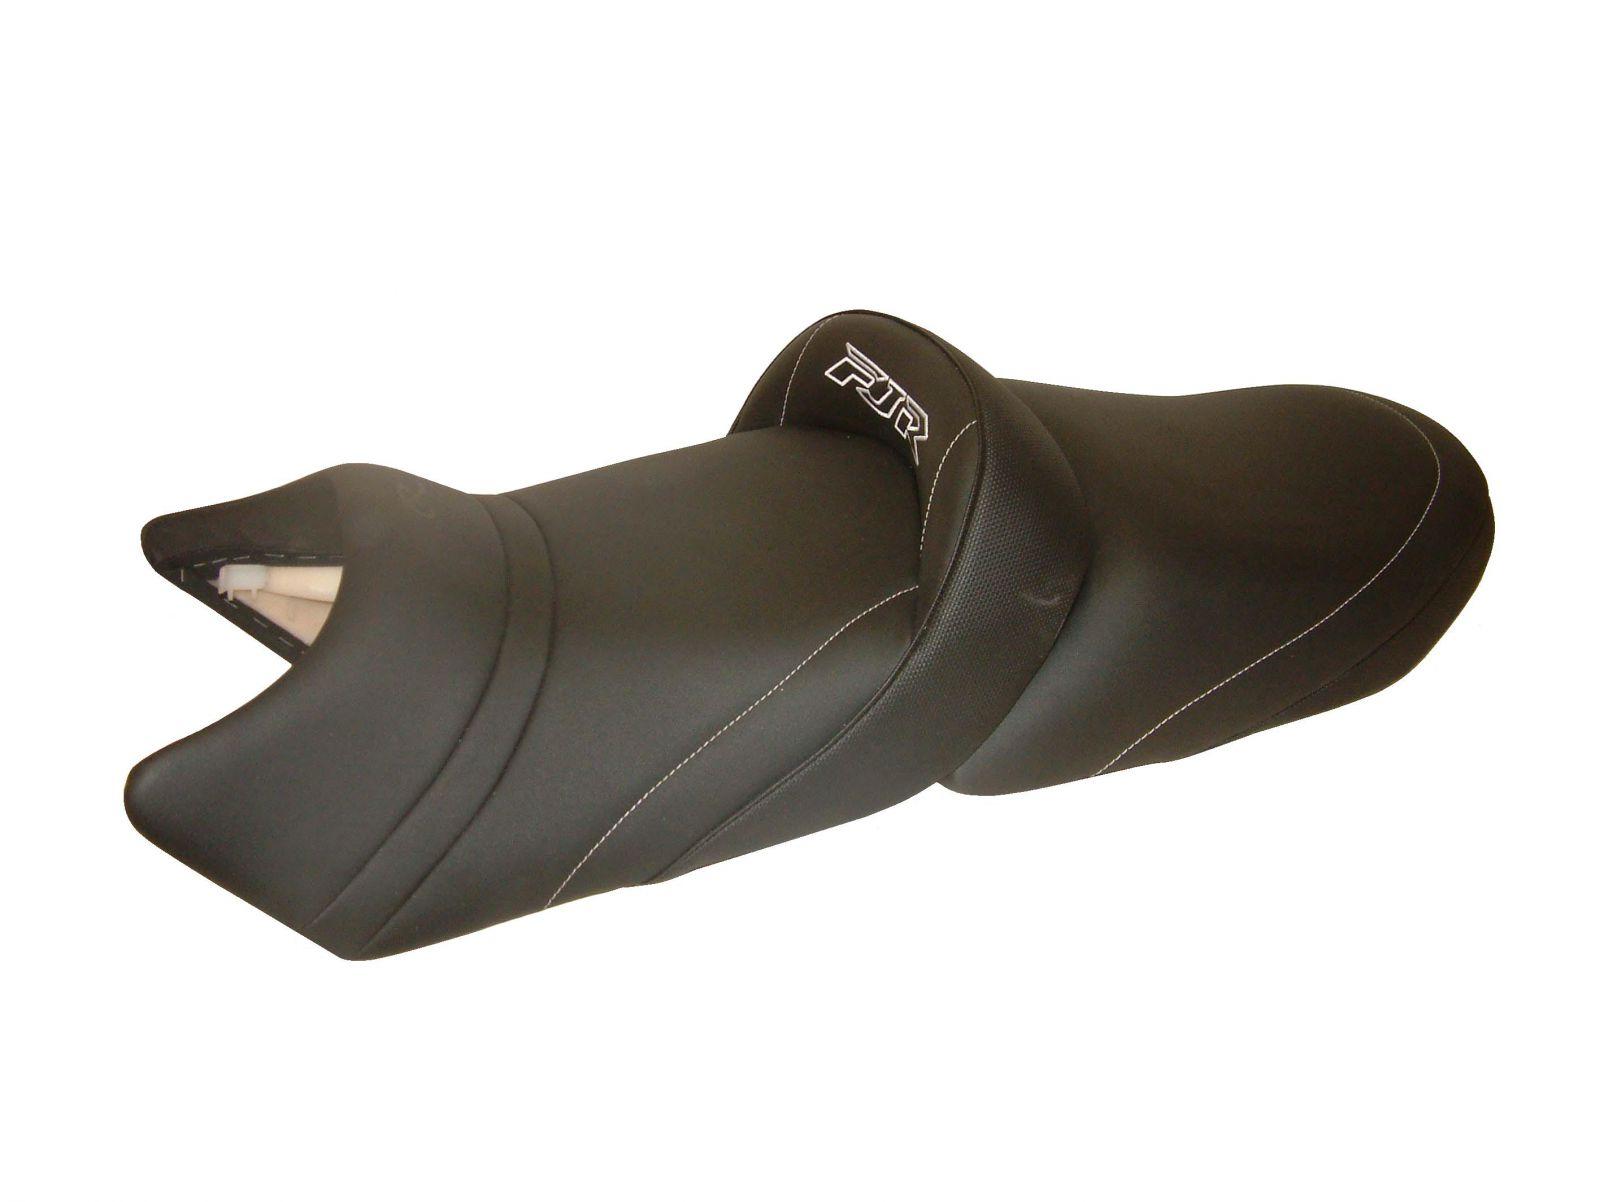 Sella Grande Confort SGC0566 - YAMAHA FJR 1300 [2001-2005]